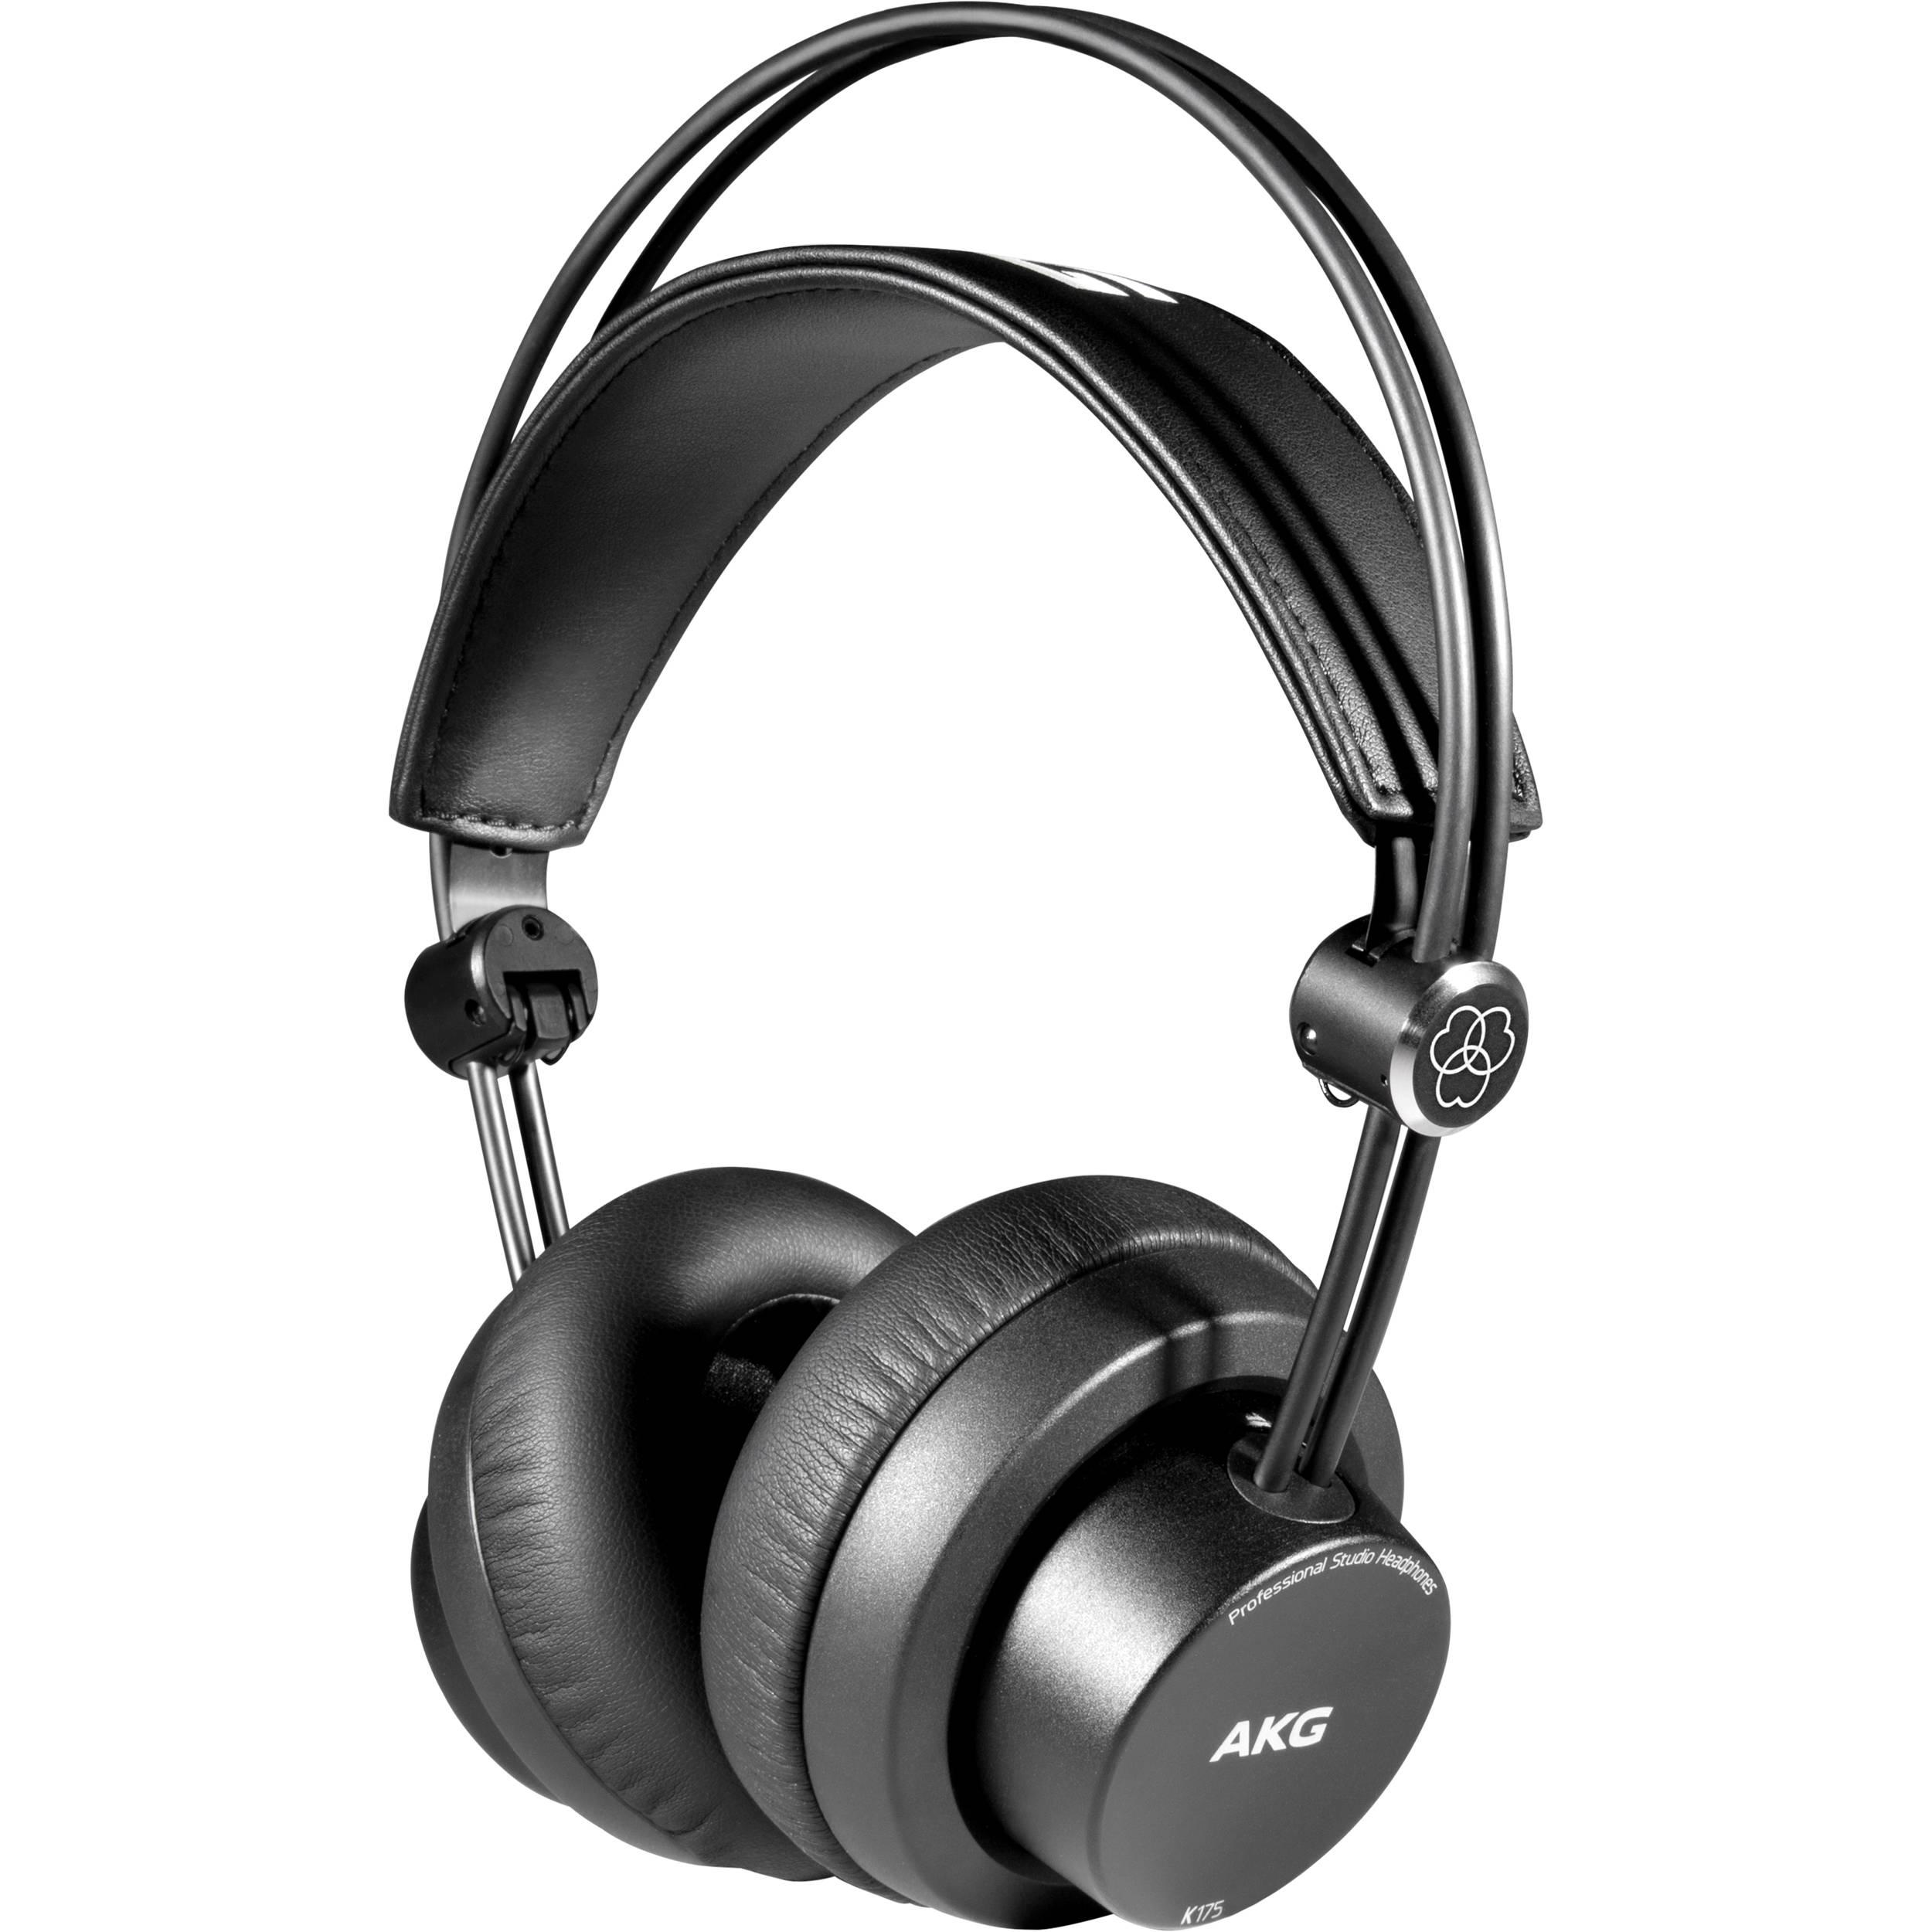 akg k175 on ear closed back headphones 3405h00010 b h photo. Black Bedroom Furniture Sets. Home Design Ideas